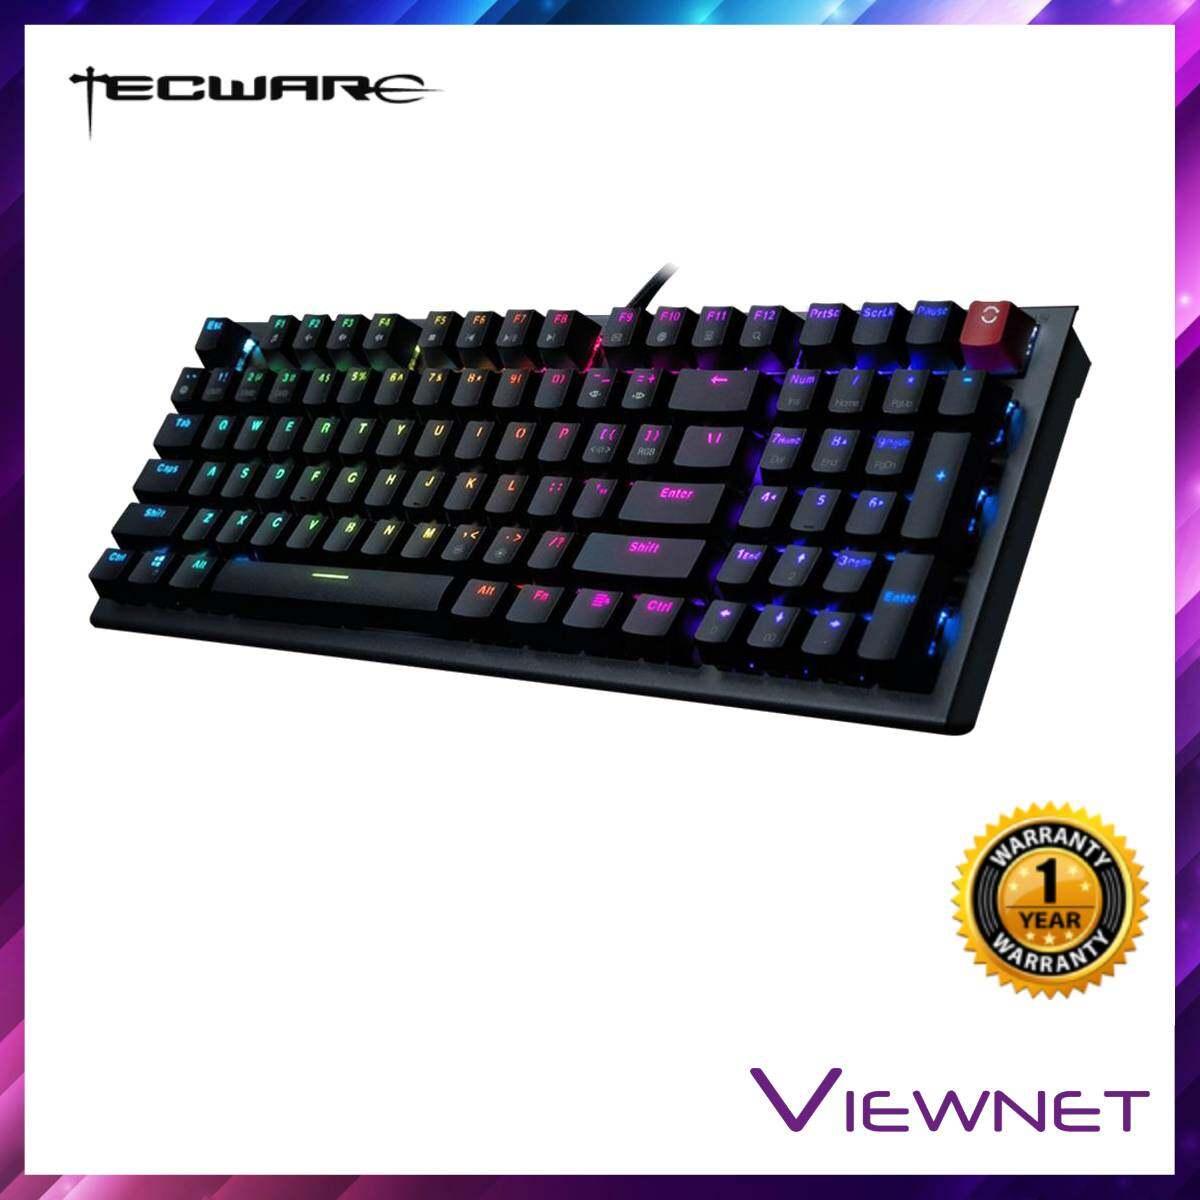 Tecware Phantom 96 Wired Mechanical RGB Blue/Brown/Red Switch Keyboard (TW-KB-P96-ZOBL/TW-KB-P96-ZOBR/TW-KB-P96-ZOBD)